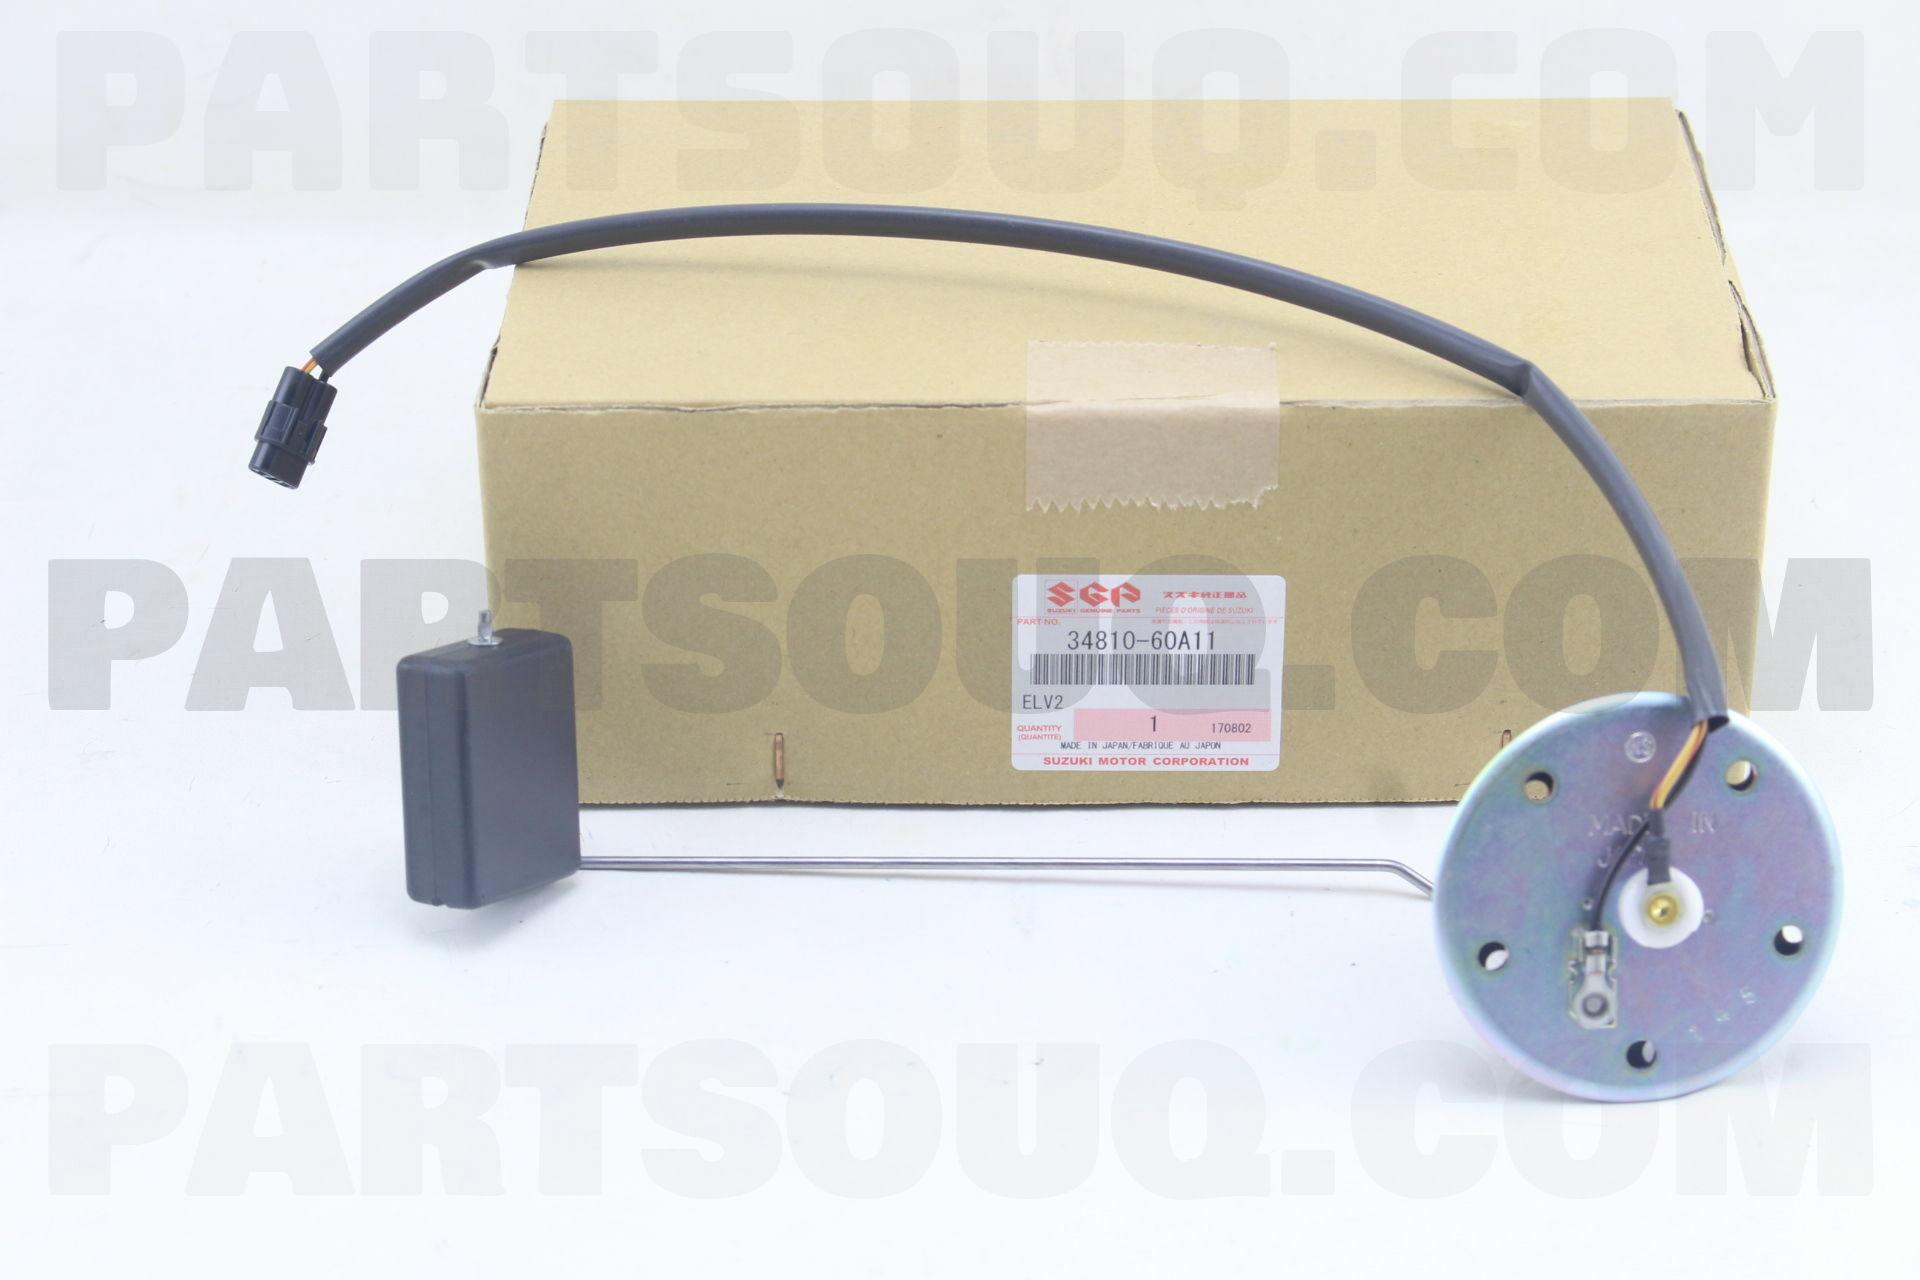 34810-60G01-000 Suzuki Gauge assy,fuel level 3481060G01000 New Genuine OEM Part